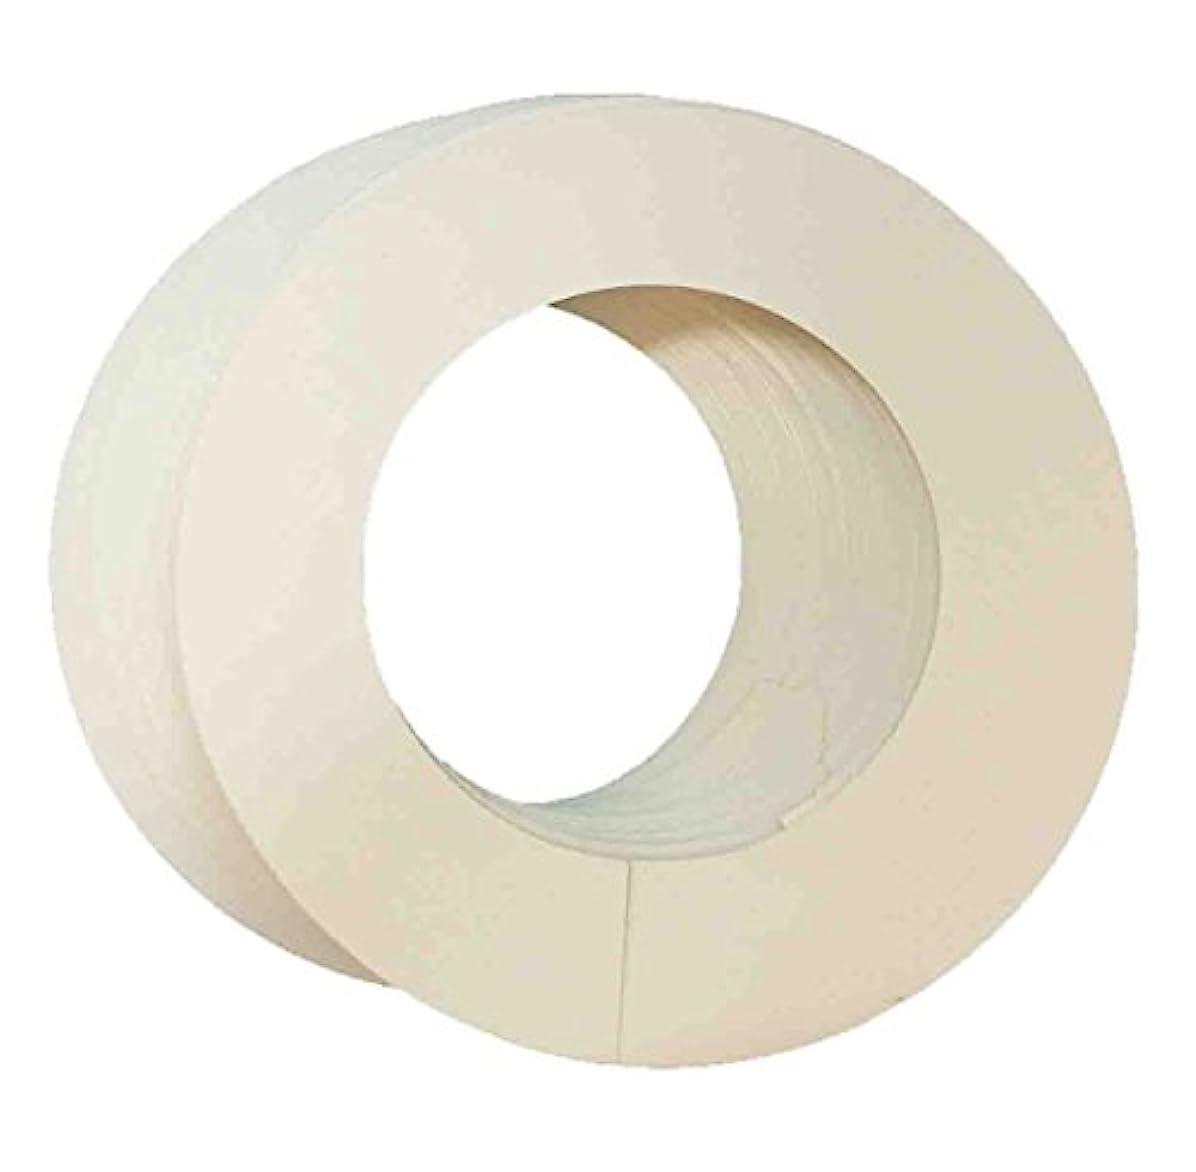 フラフープ認める優雅なカラー カーラー 直径10cm缶用 50枚(005-1) ブラジリアンワックス ワックス脱毛 ワックスウォーマー 専用